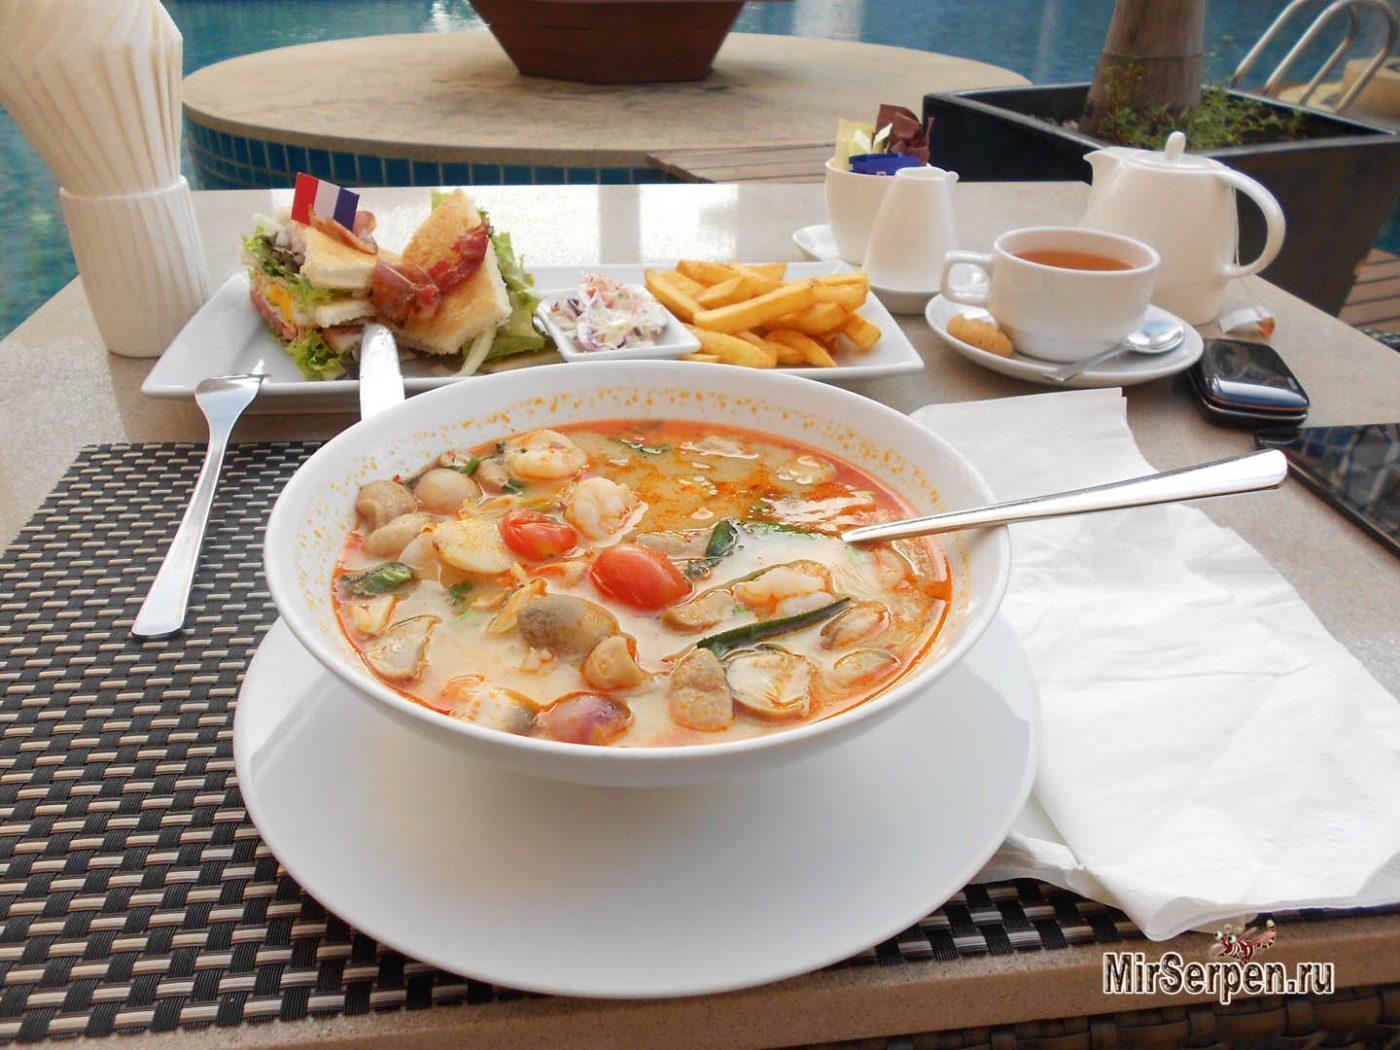 Где в Паттайе съесть лучший тайский национальный суп Том-Ям?